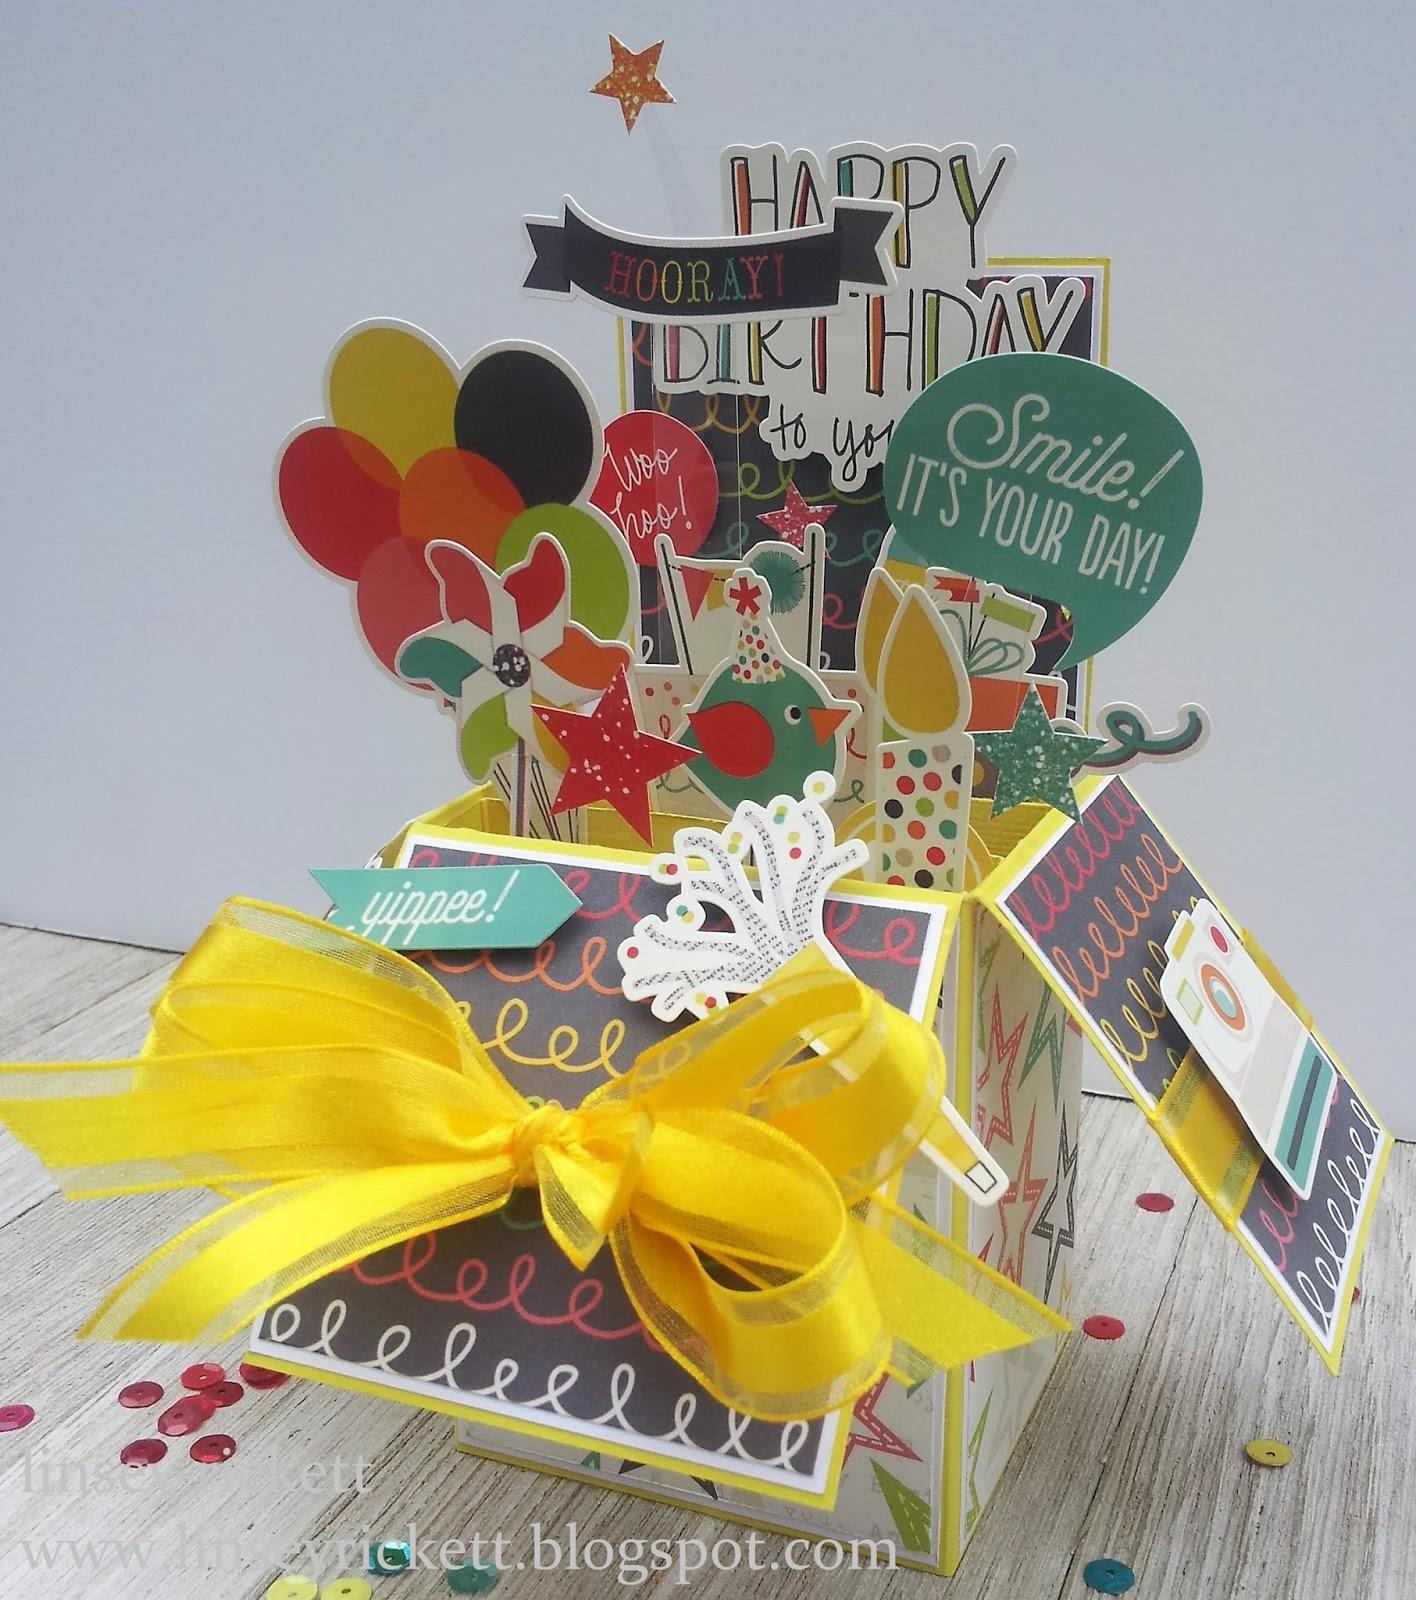 Really Reasonable Ribbon Blog: Happy Birthday Pop Up Box Card